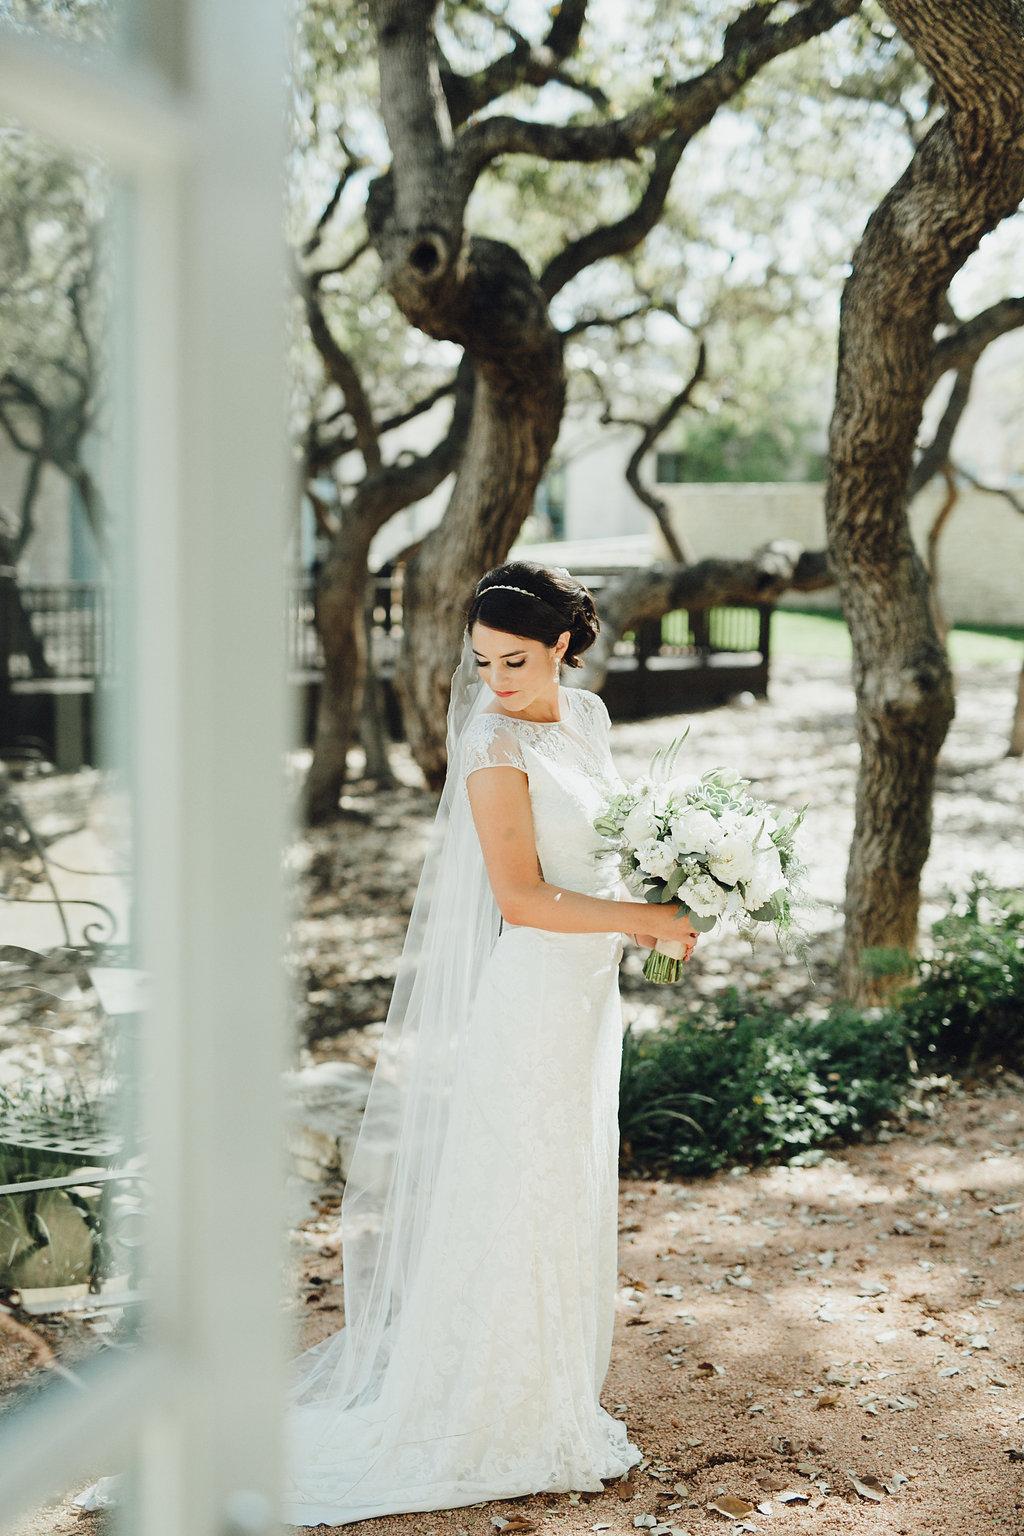 carly+brian_wedding-137.jpg